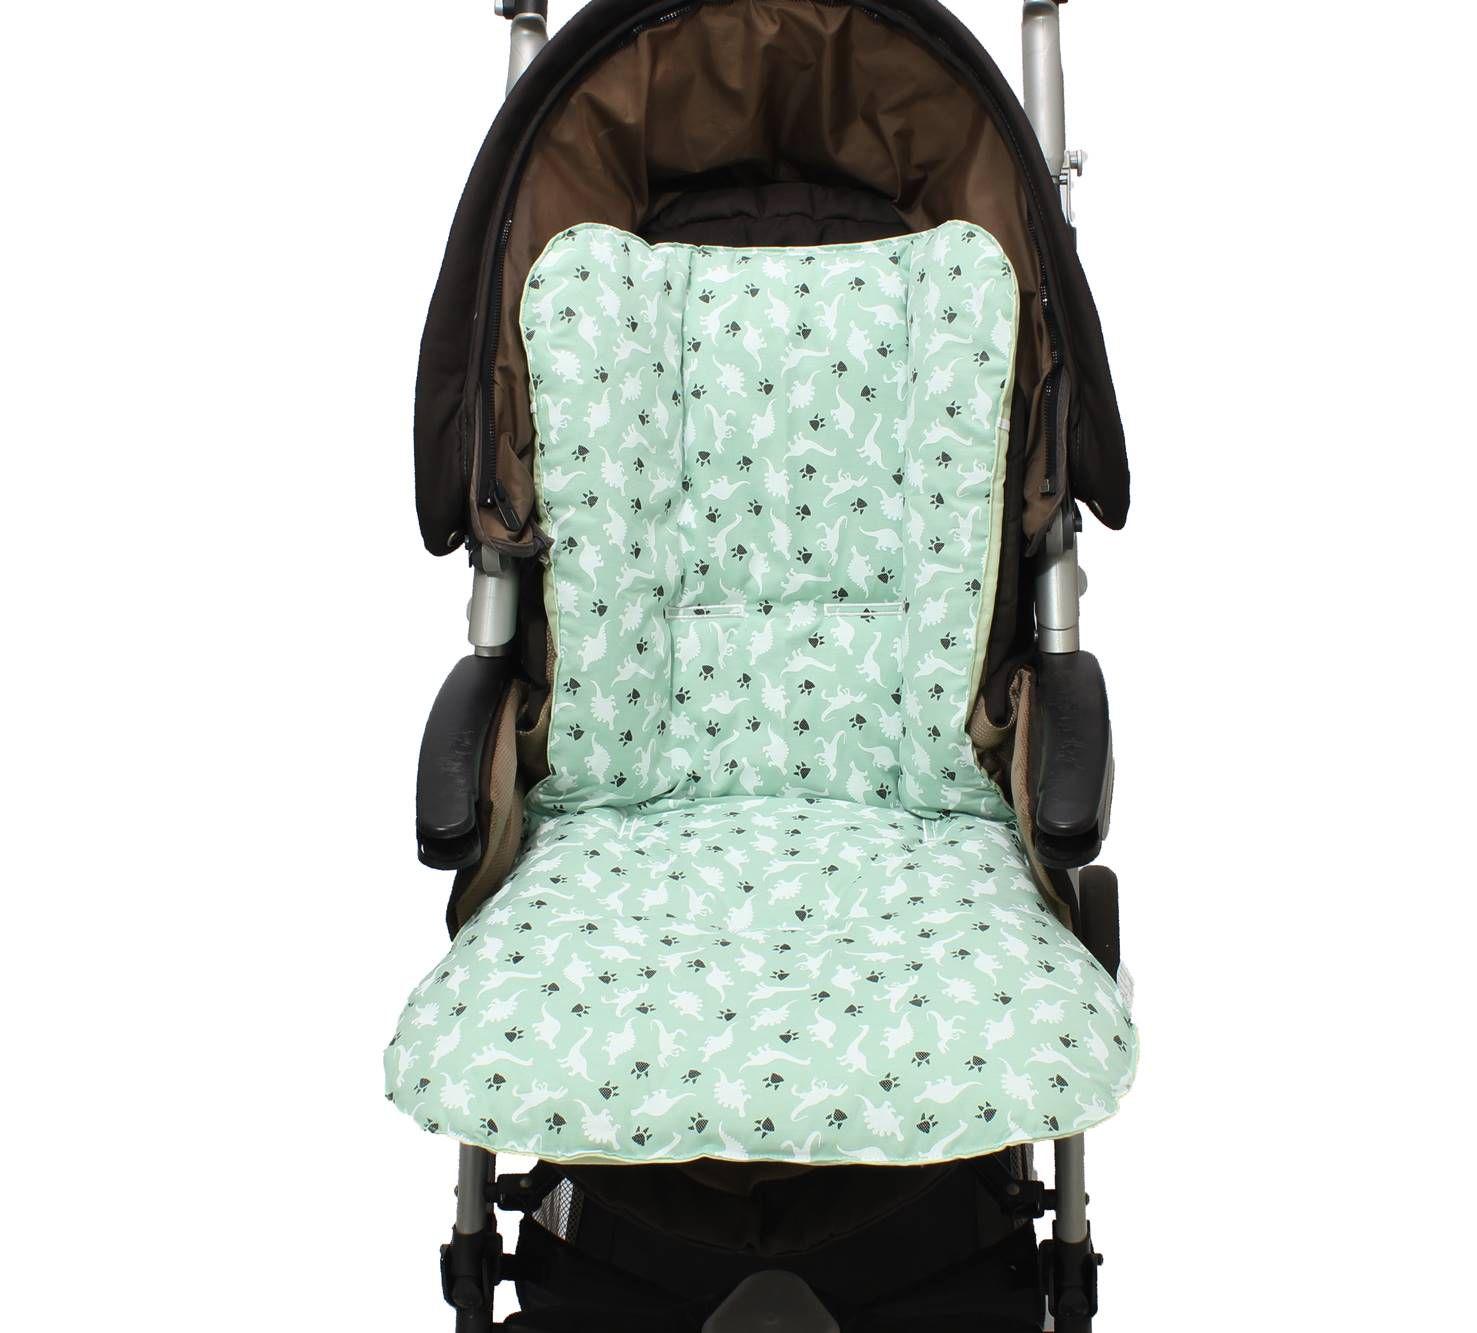 Capa de Carrinho Dupla Face Dino Verde  - Toca do Bebê